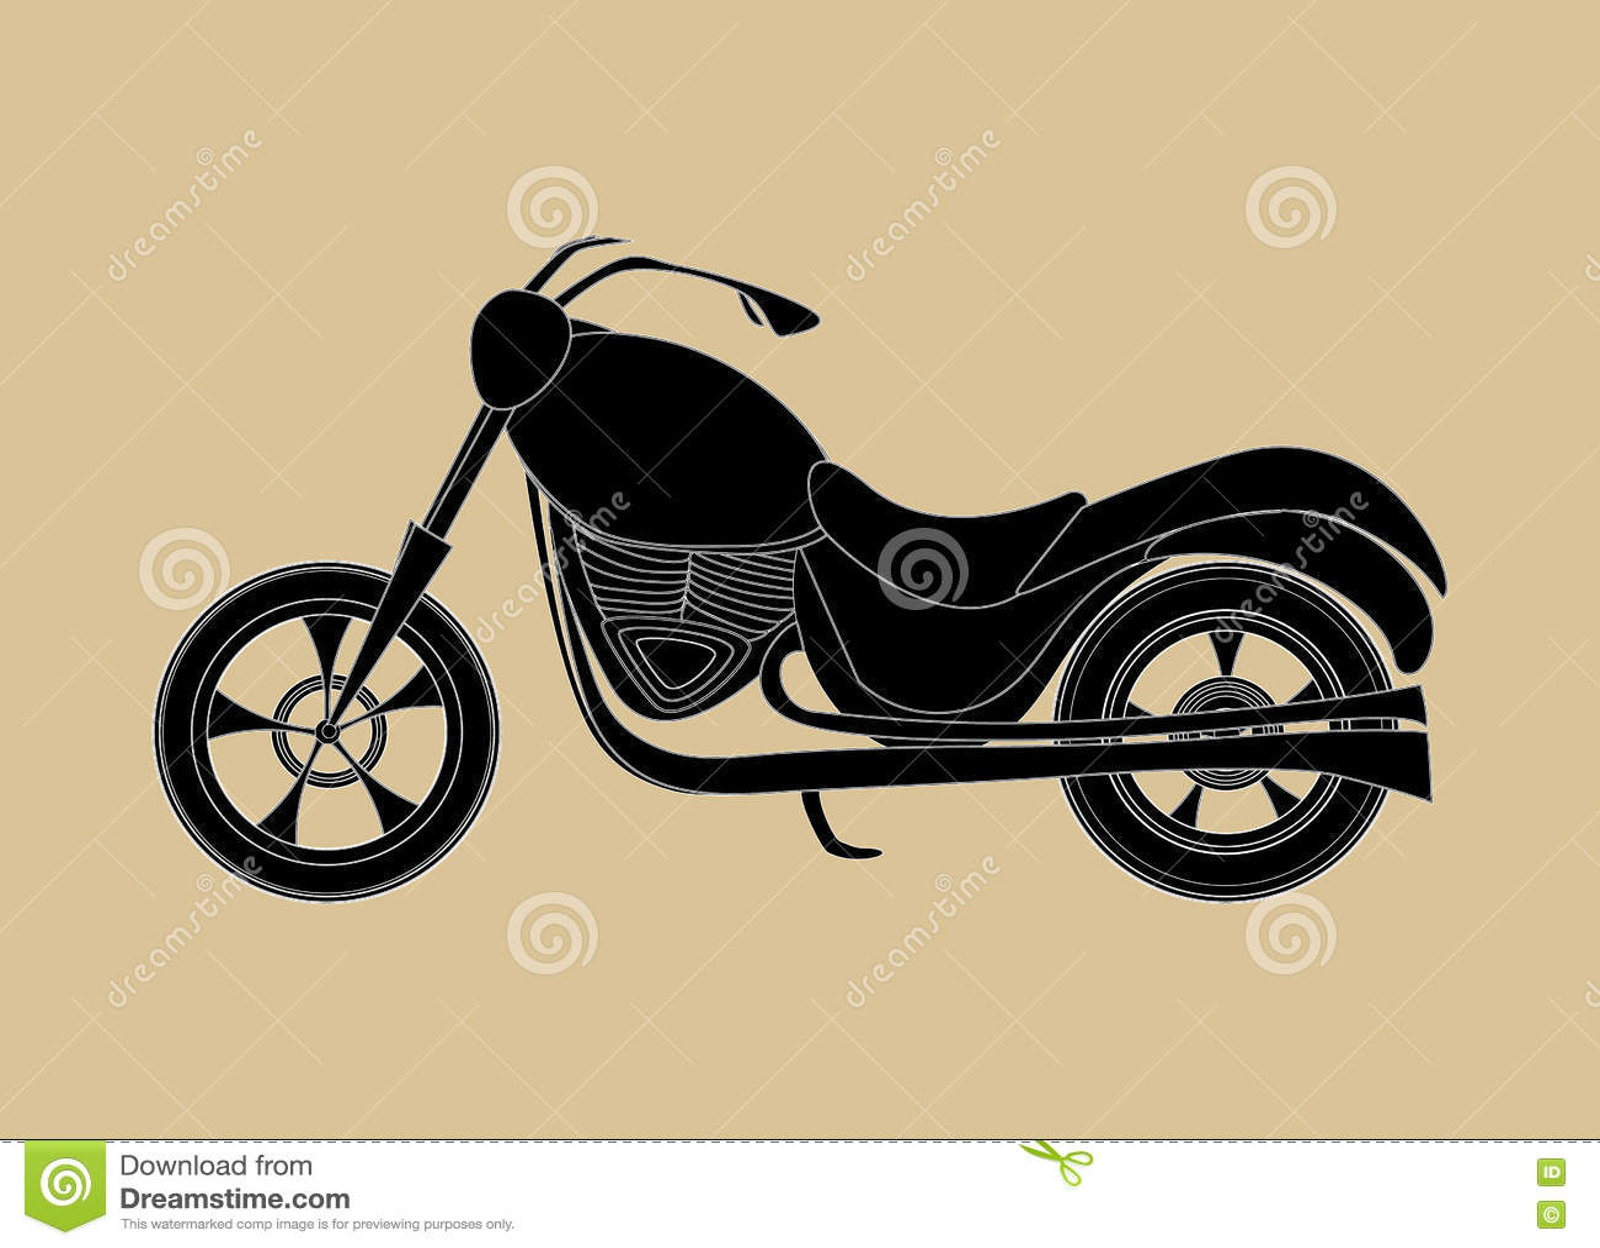 vector motorradikone den transporthintergrund der auf. Black Bedroom Furniture Sets. Home Design Ideas